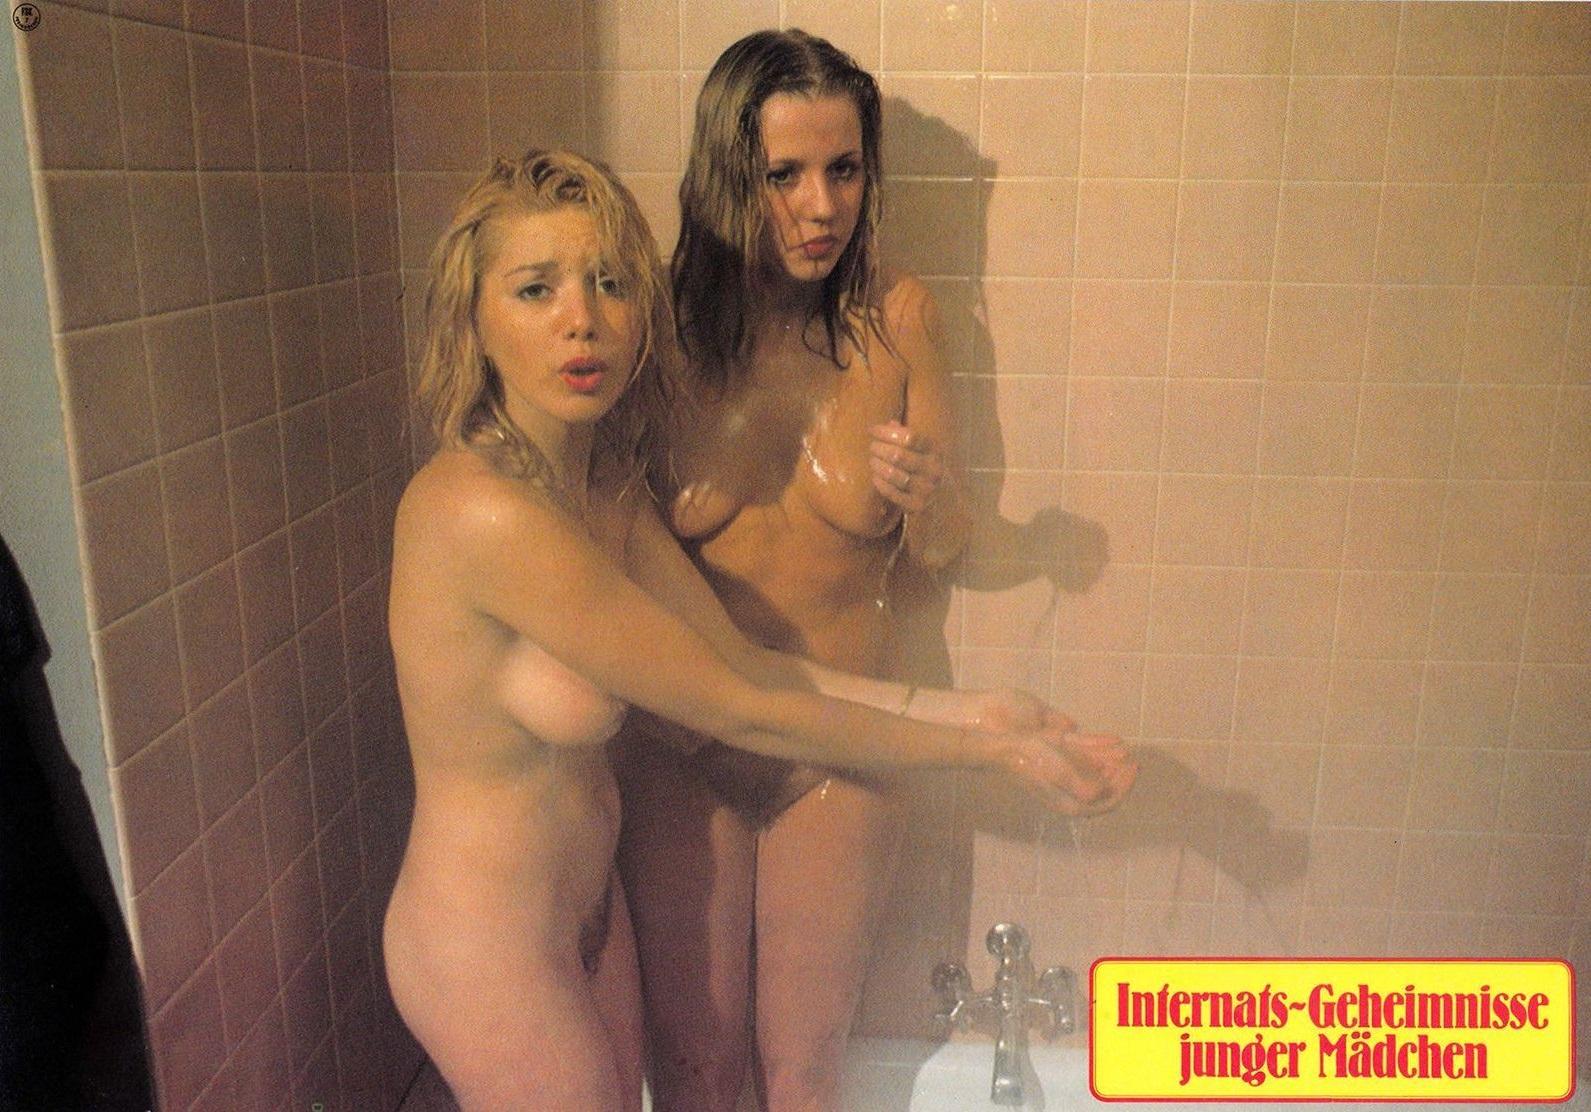 Internats-Geheimnisse junger Madchen (4)